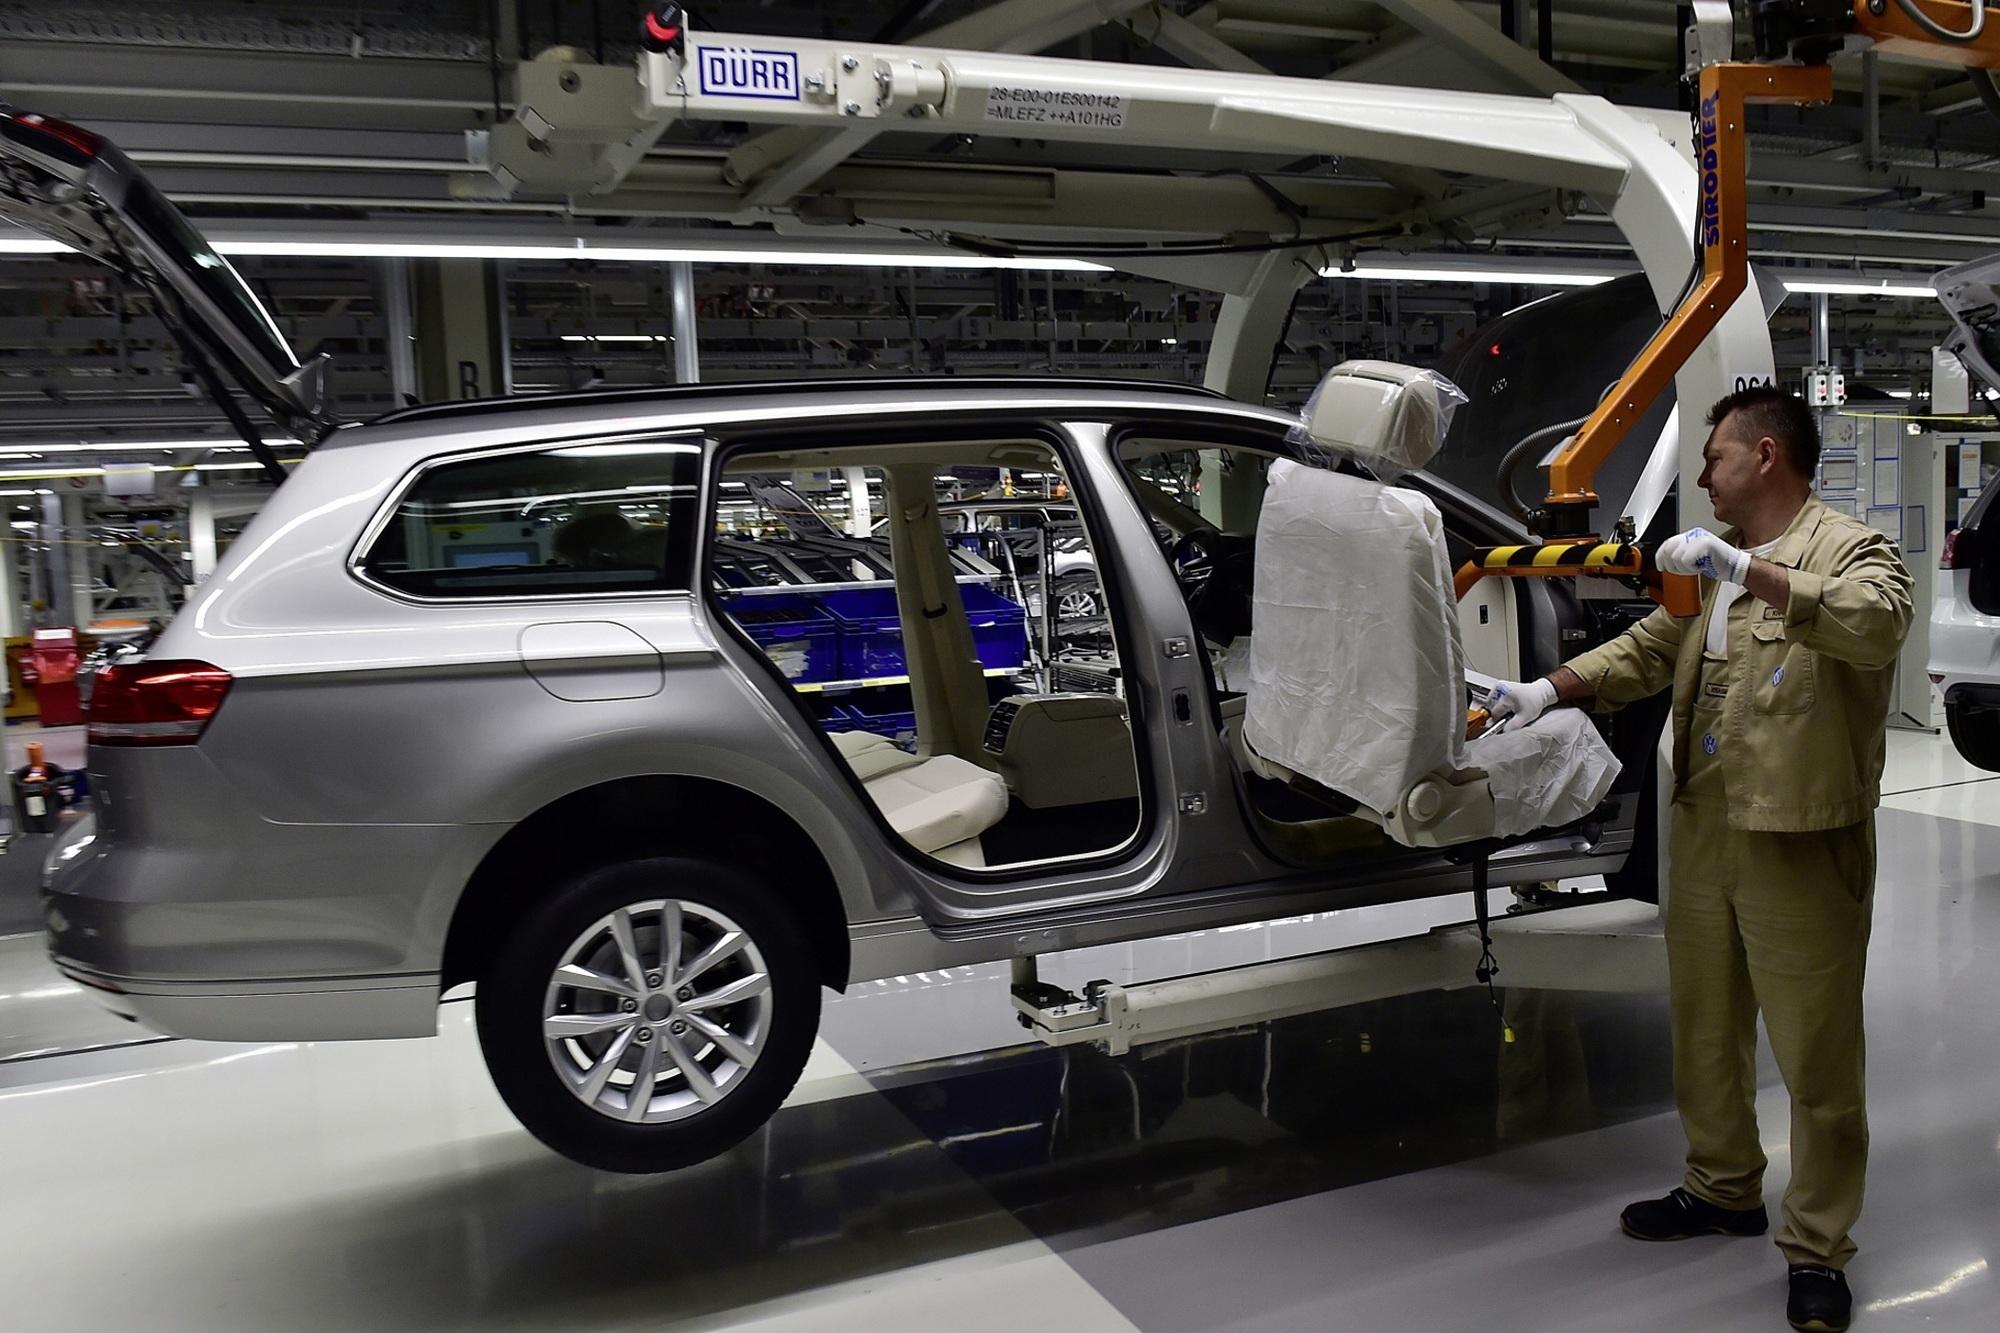 Weltweite Fahrzeugproduktion - Deutschland ist viertgrößter Autobauer